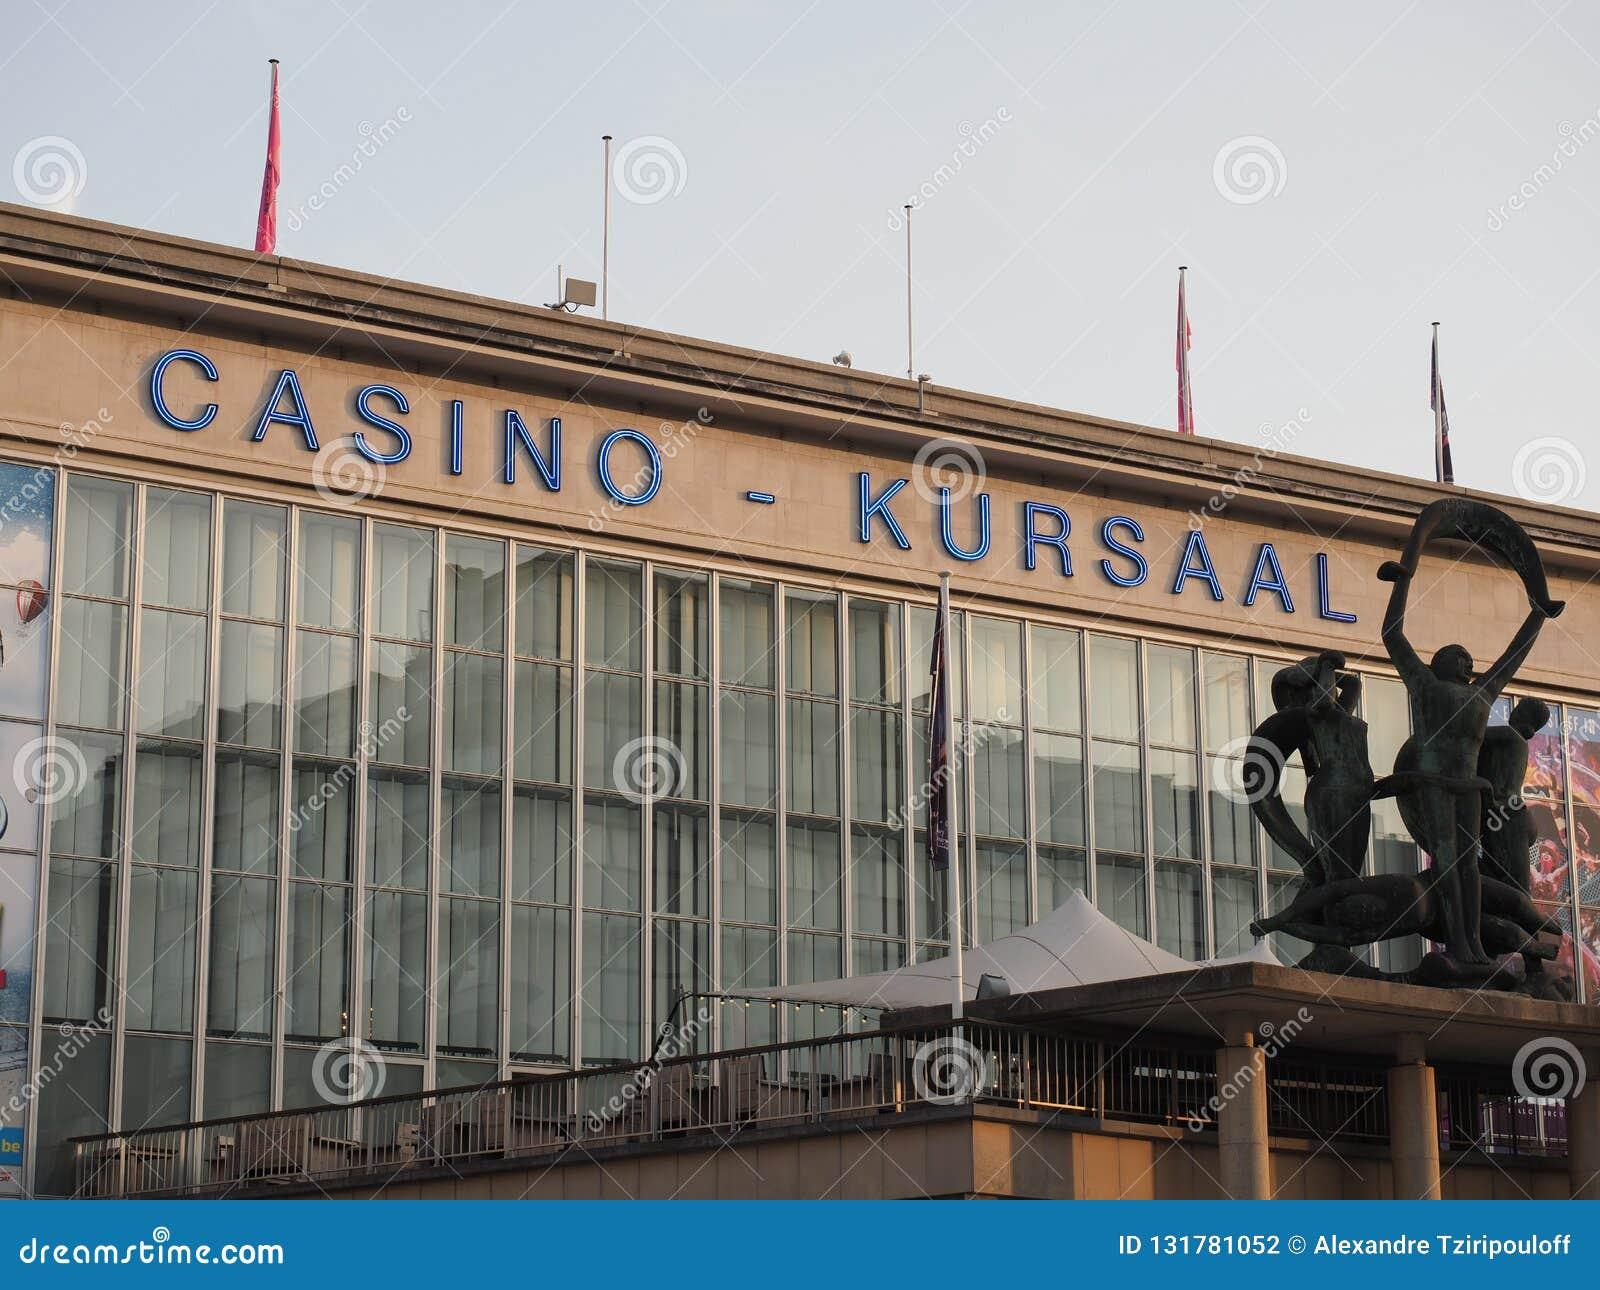 internet gambling casino spielen mit geld free spiele ohne anmeldung